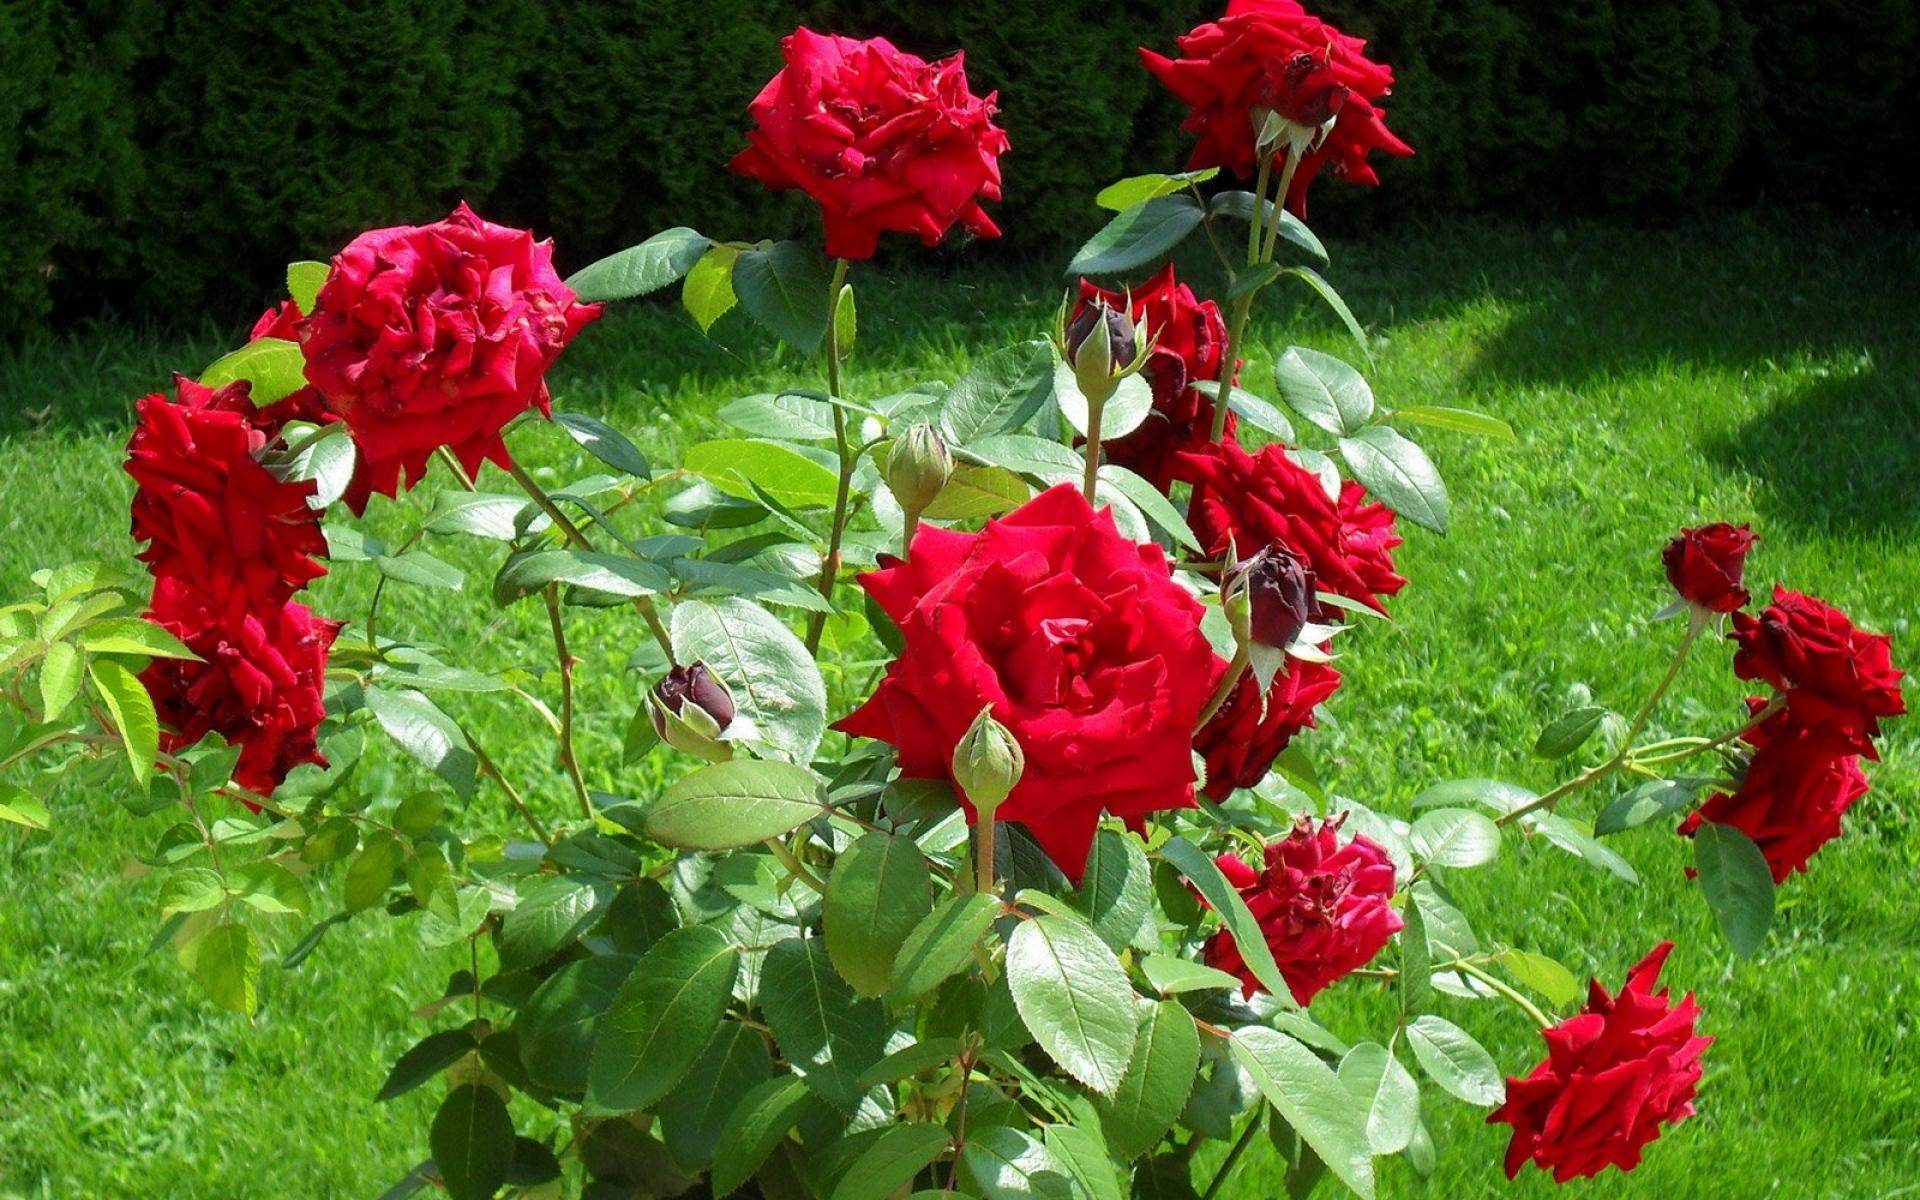 Картинки Роза, красный, куст, трава, солнечный фото и обои на рабочий стол